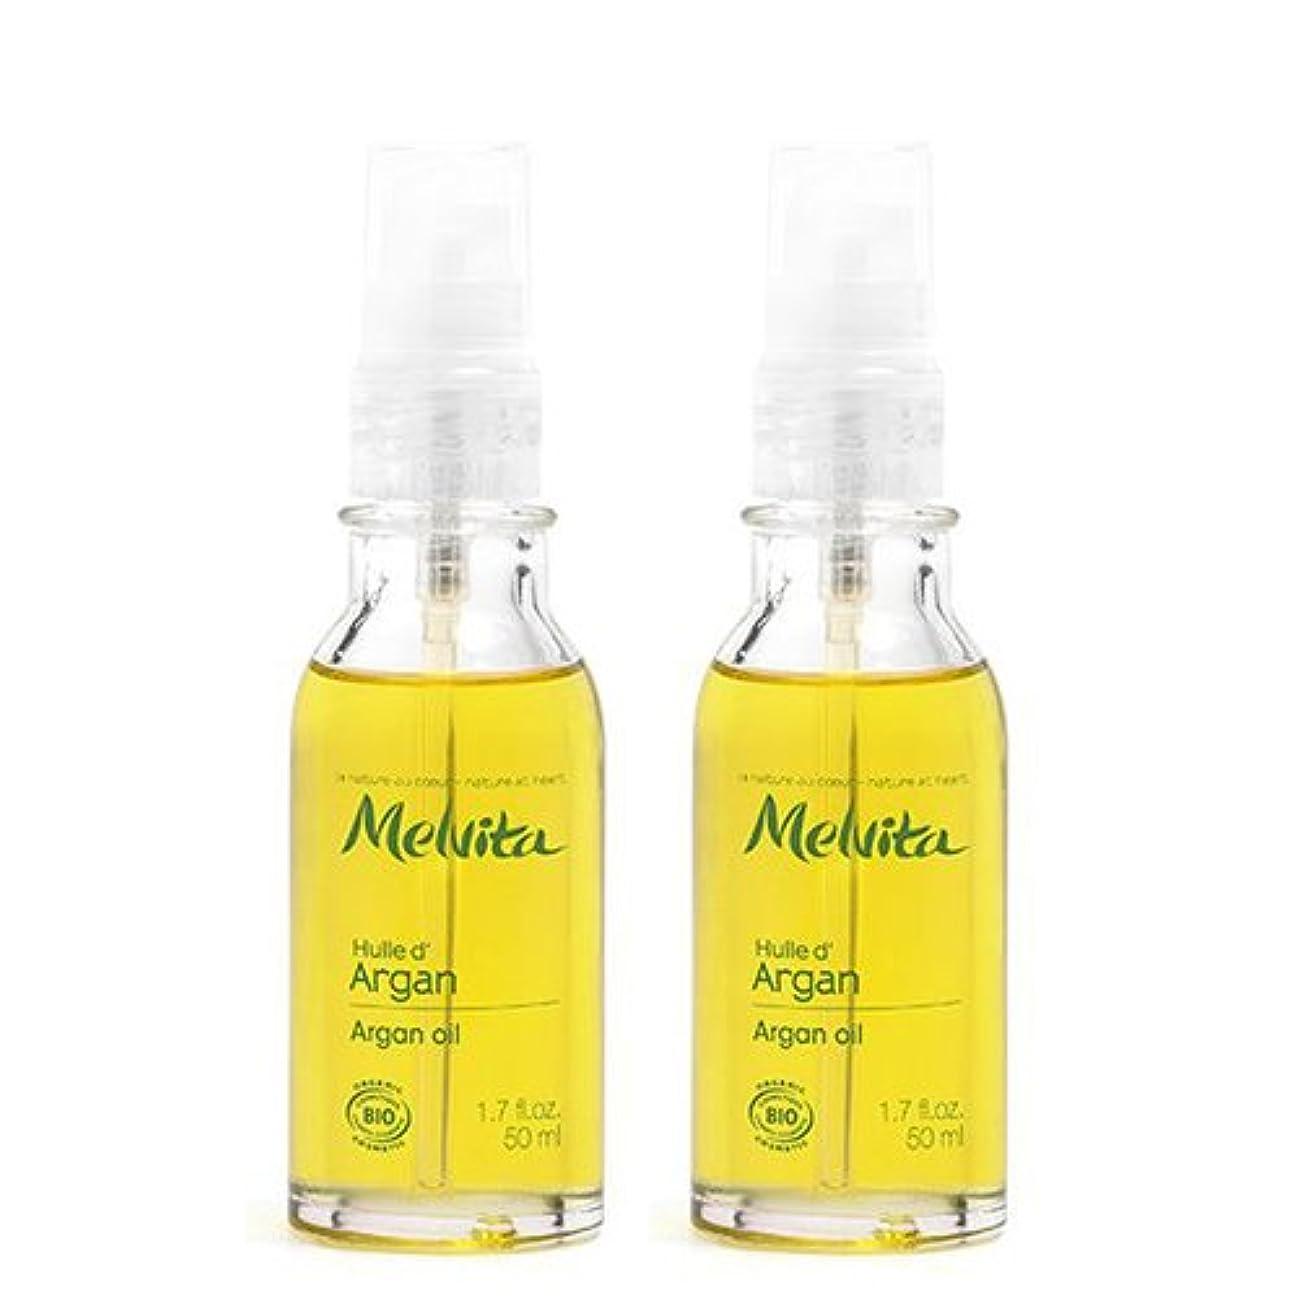 マディソンスペルながらメルヴィータ(Melvita) 2個セット ビオオイル アルガン オイル 50ml [並行輸入品]